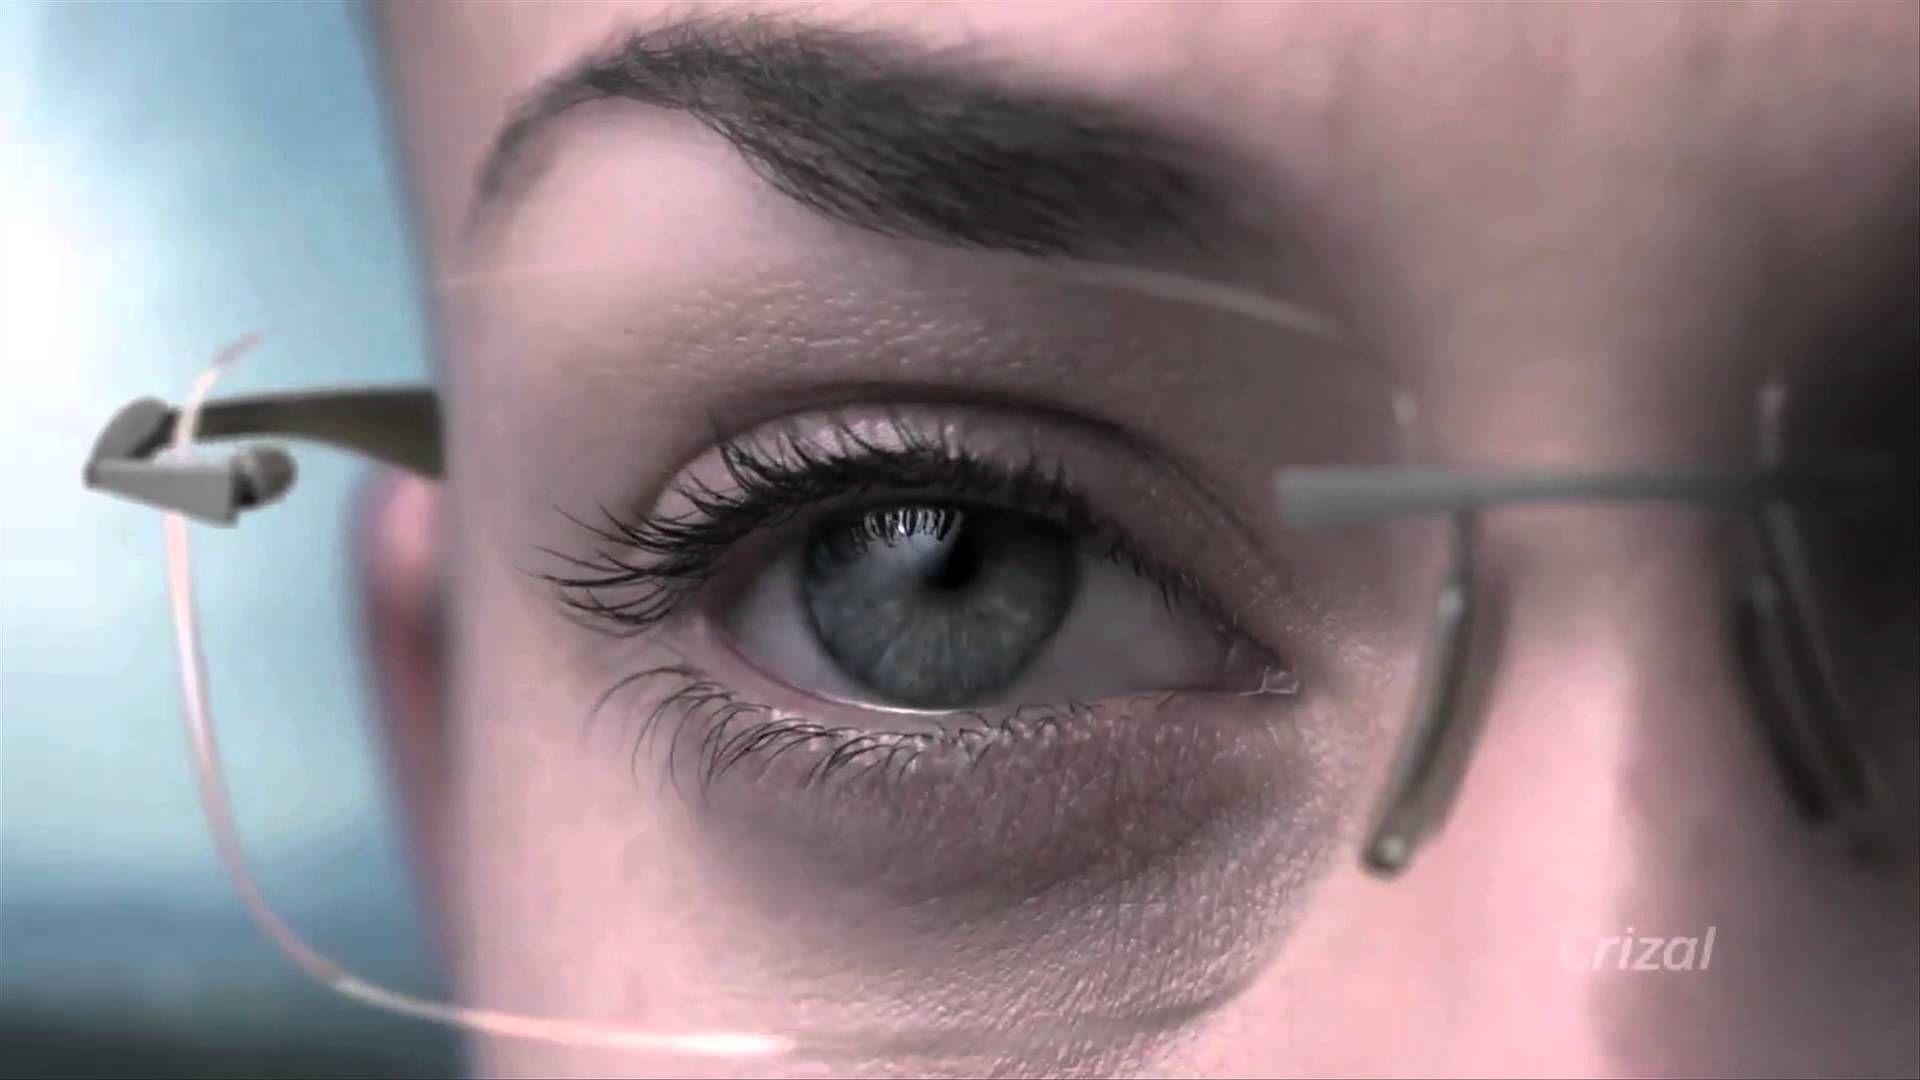 Crizal lenses Eyeglass wearers, Lenses, Optical lens